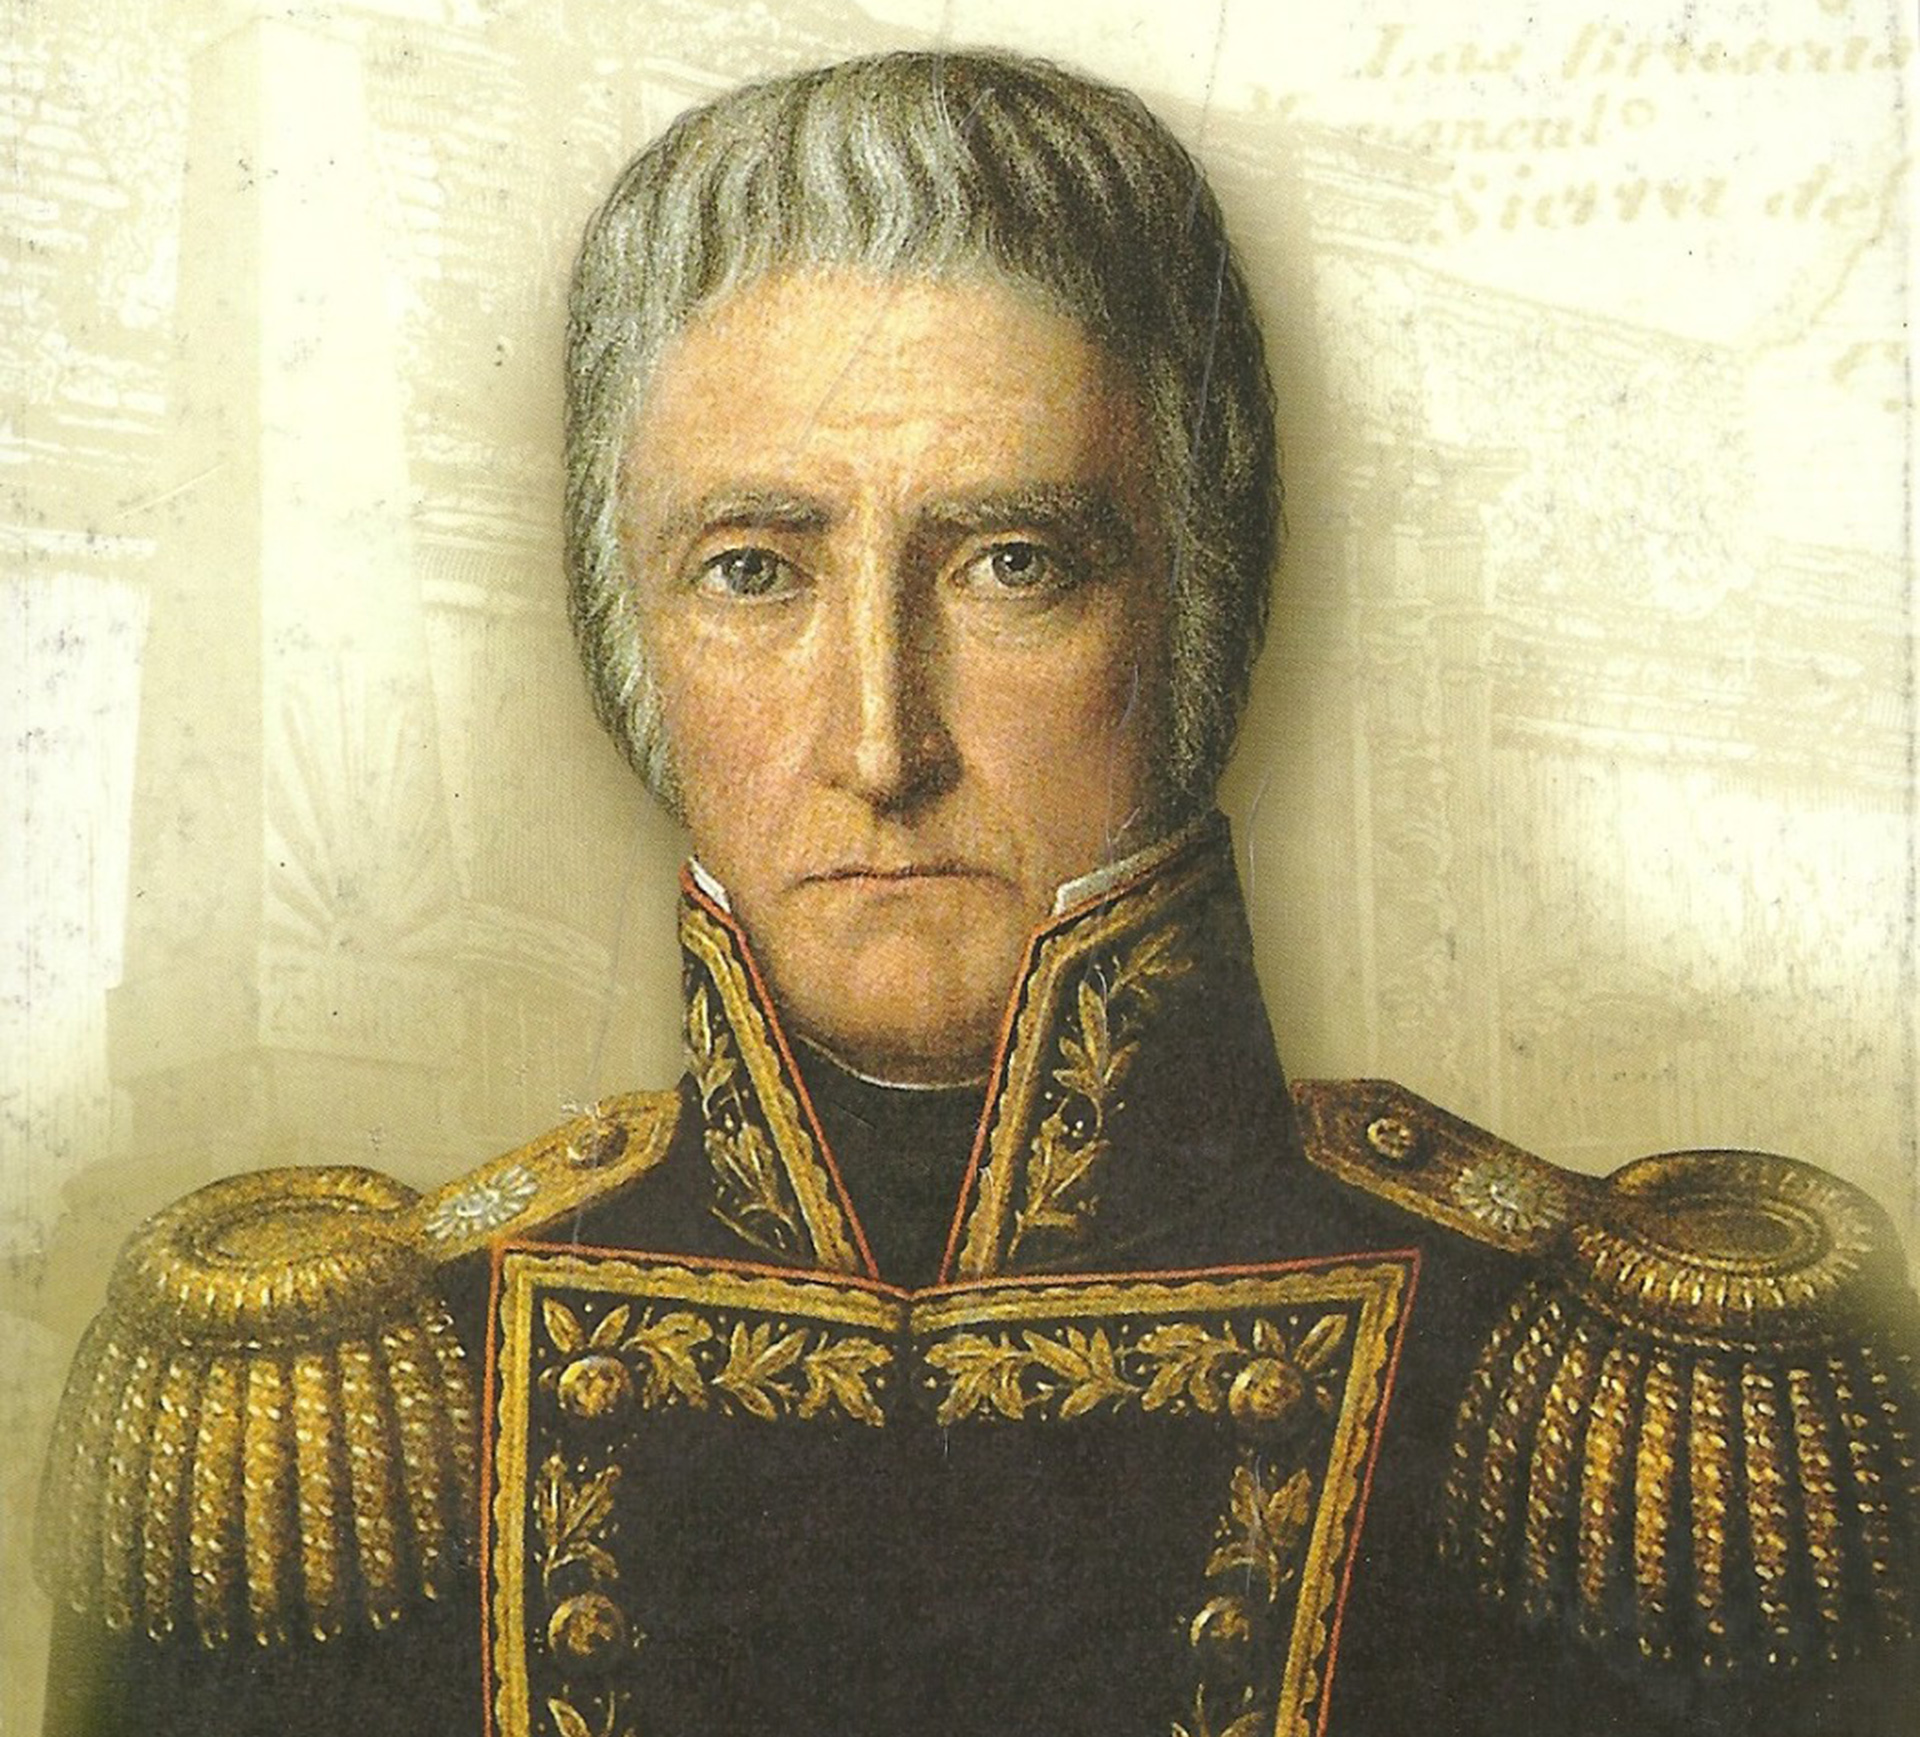 Cornelio Saavedra, un militar influyente con mirada de esfinge política